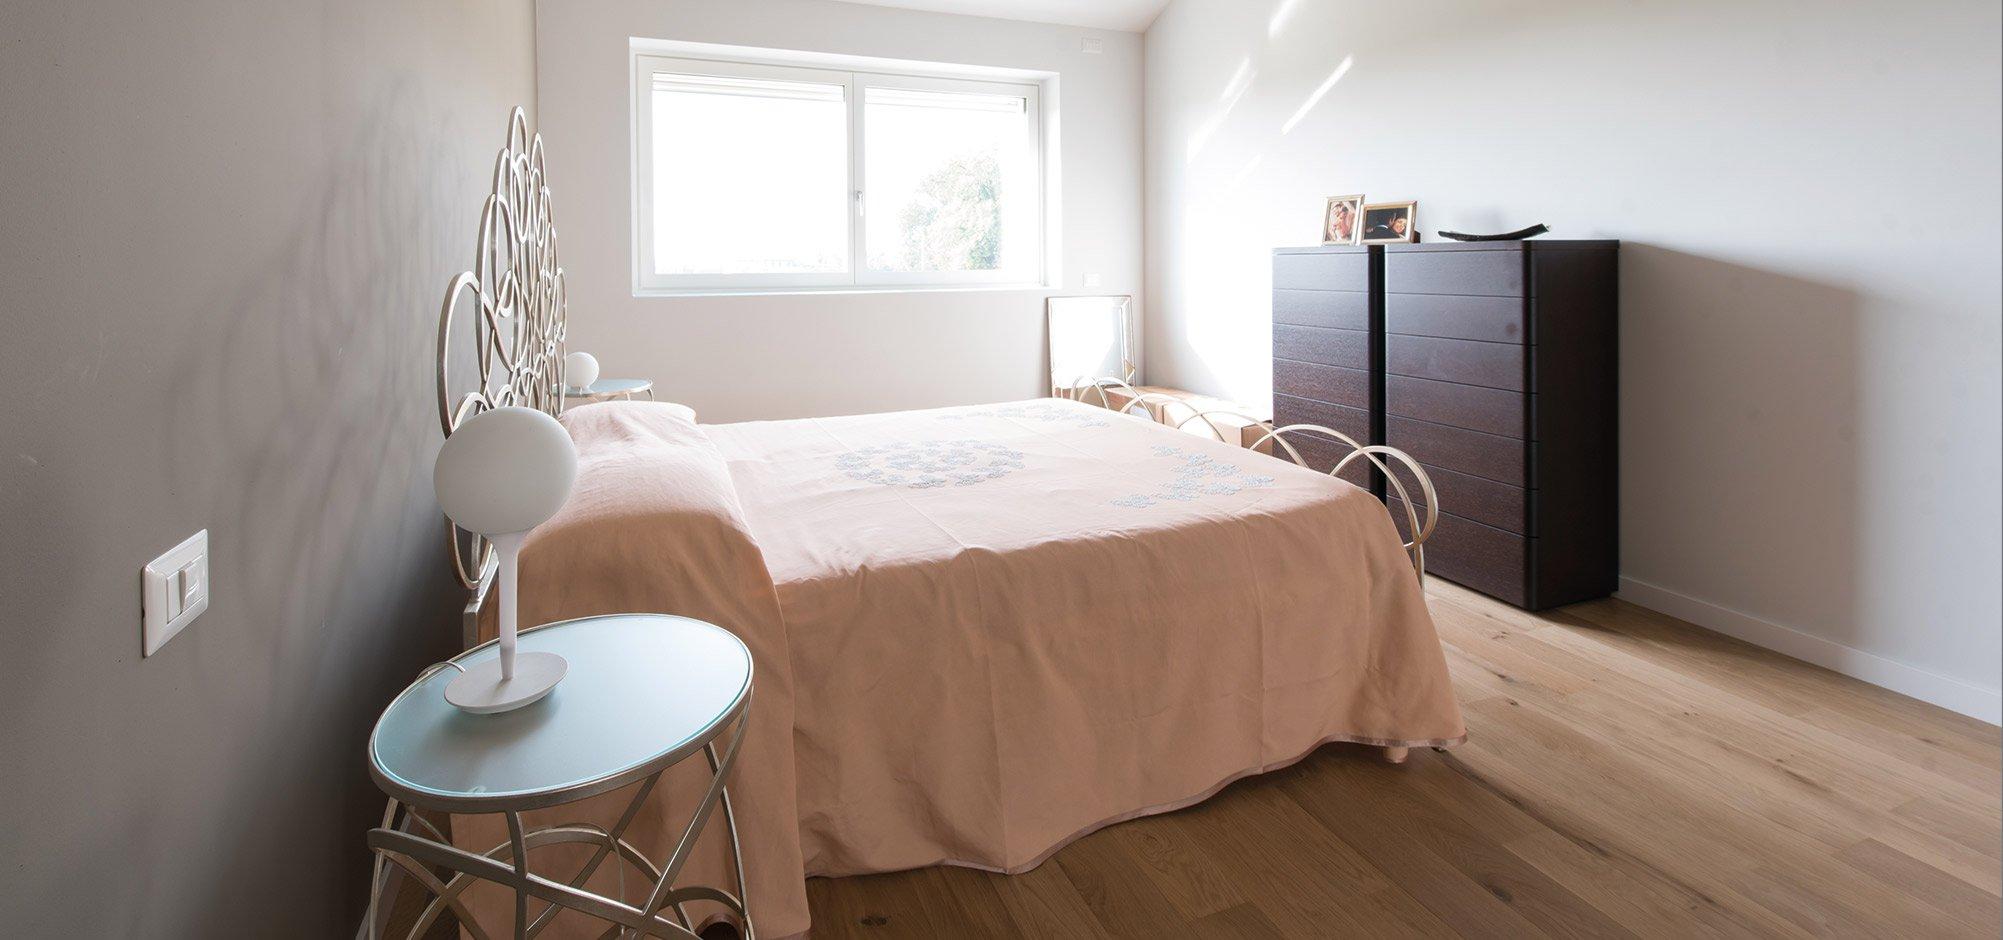 Camera da letto vista 3 di una casa passiva a Mantova di MAC Costruzioni Generali